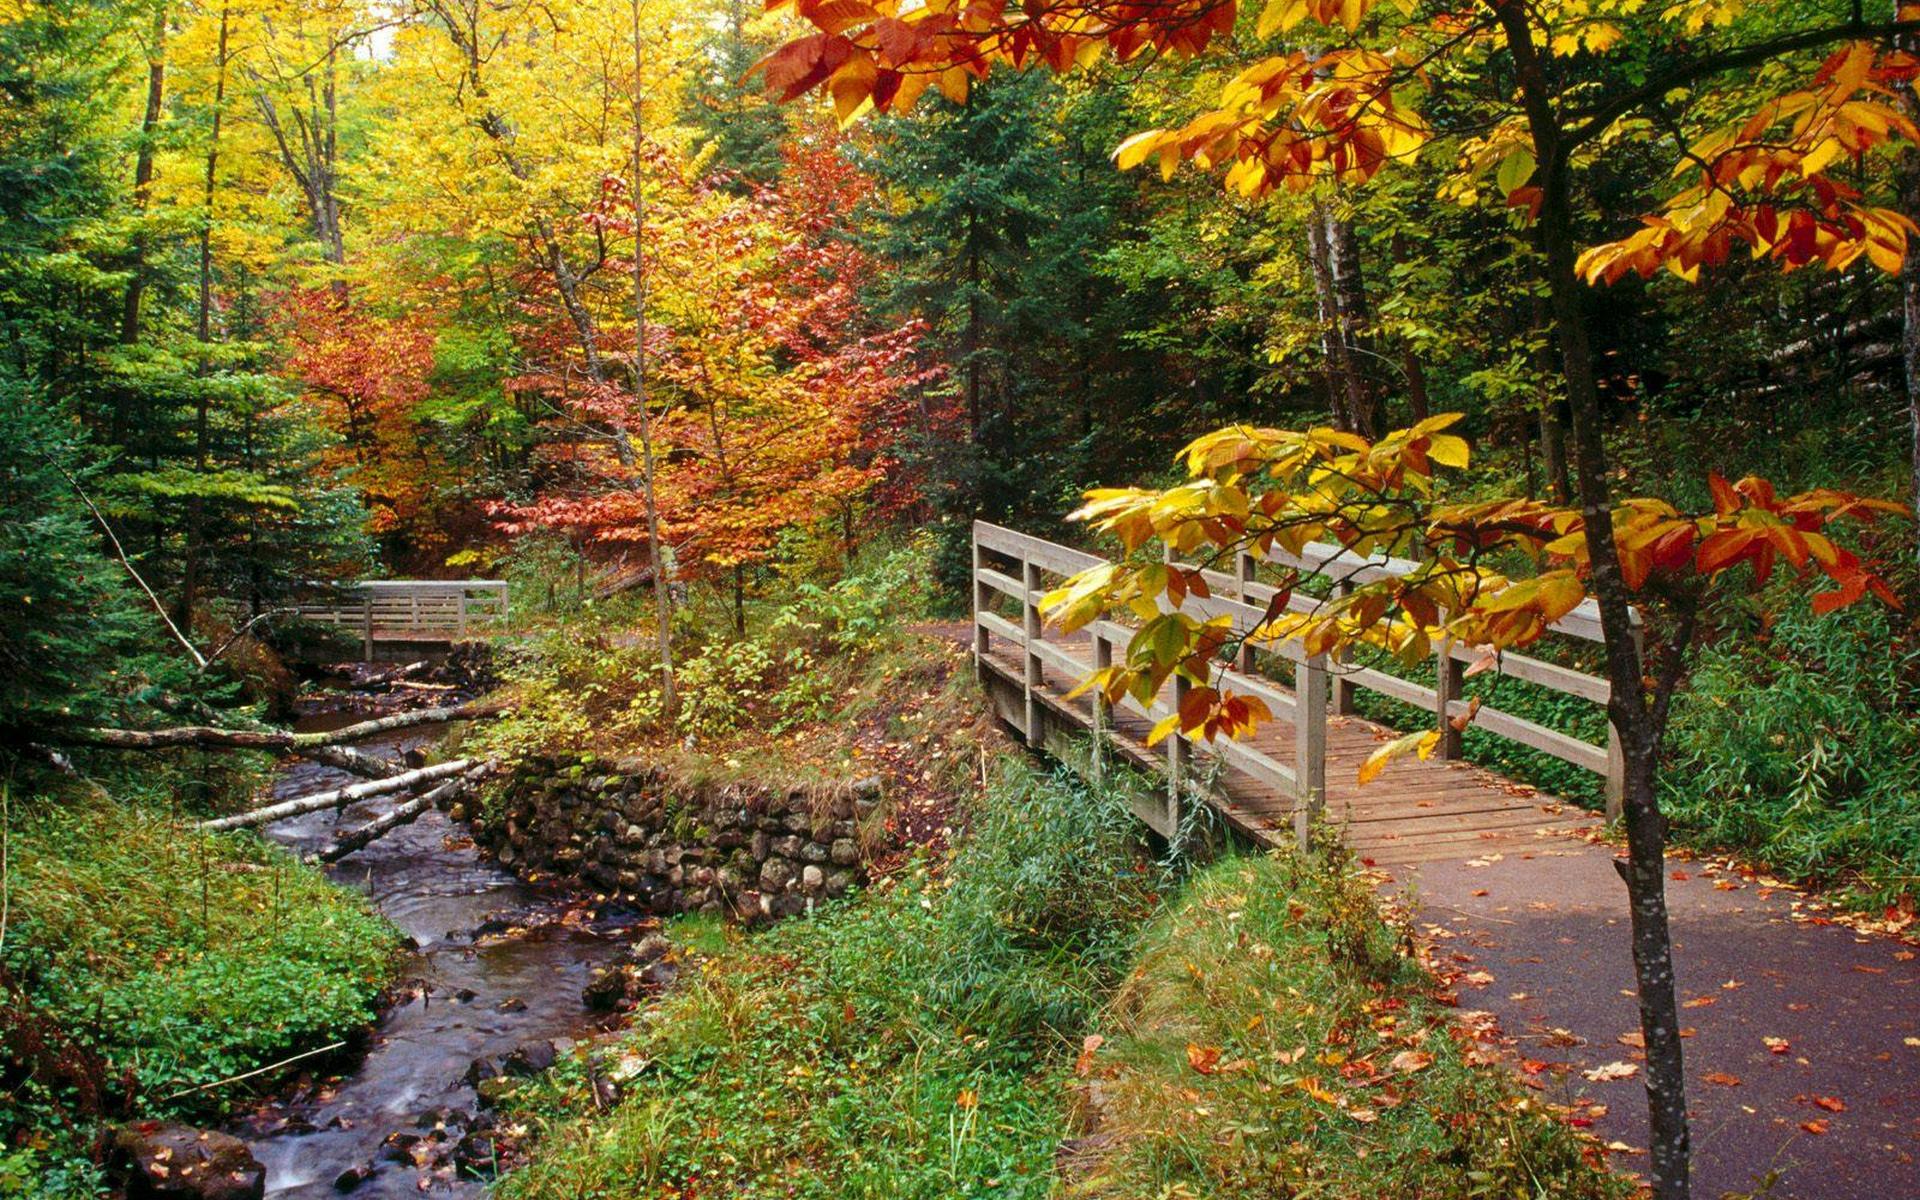 Autumn Wallpaper Widescreen - wallpaper